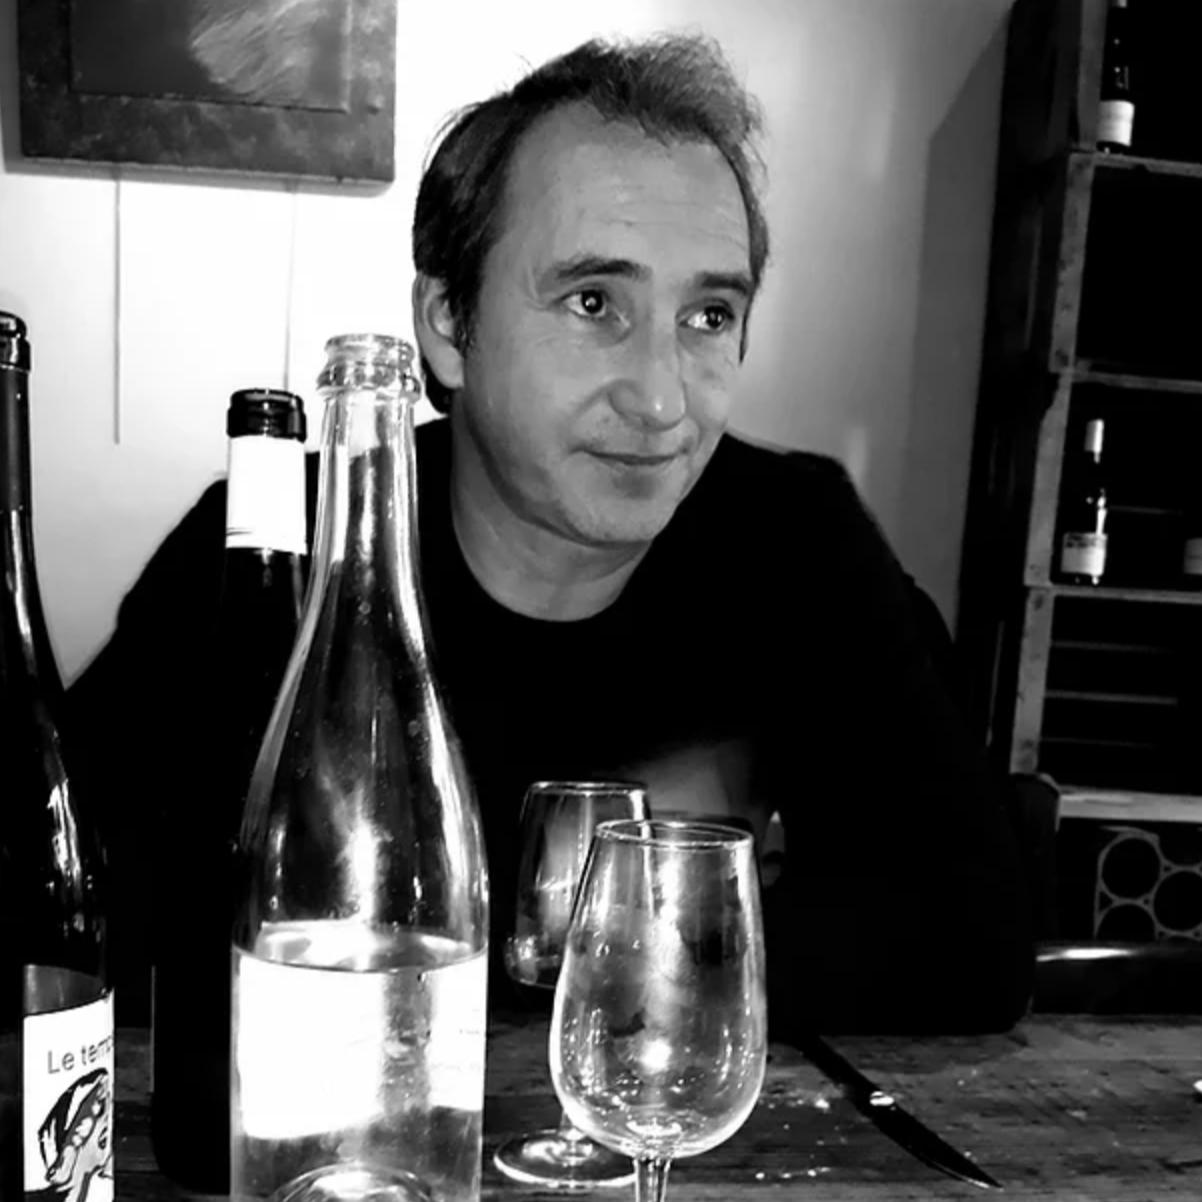 Luc Devot